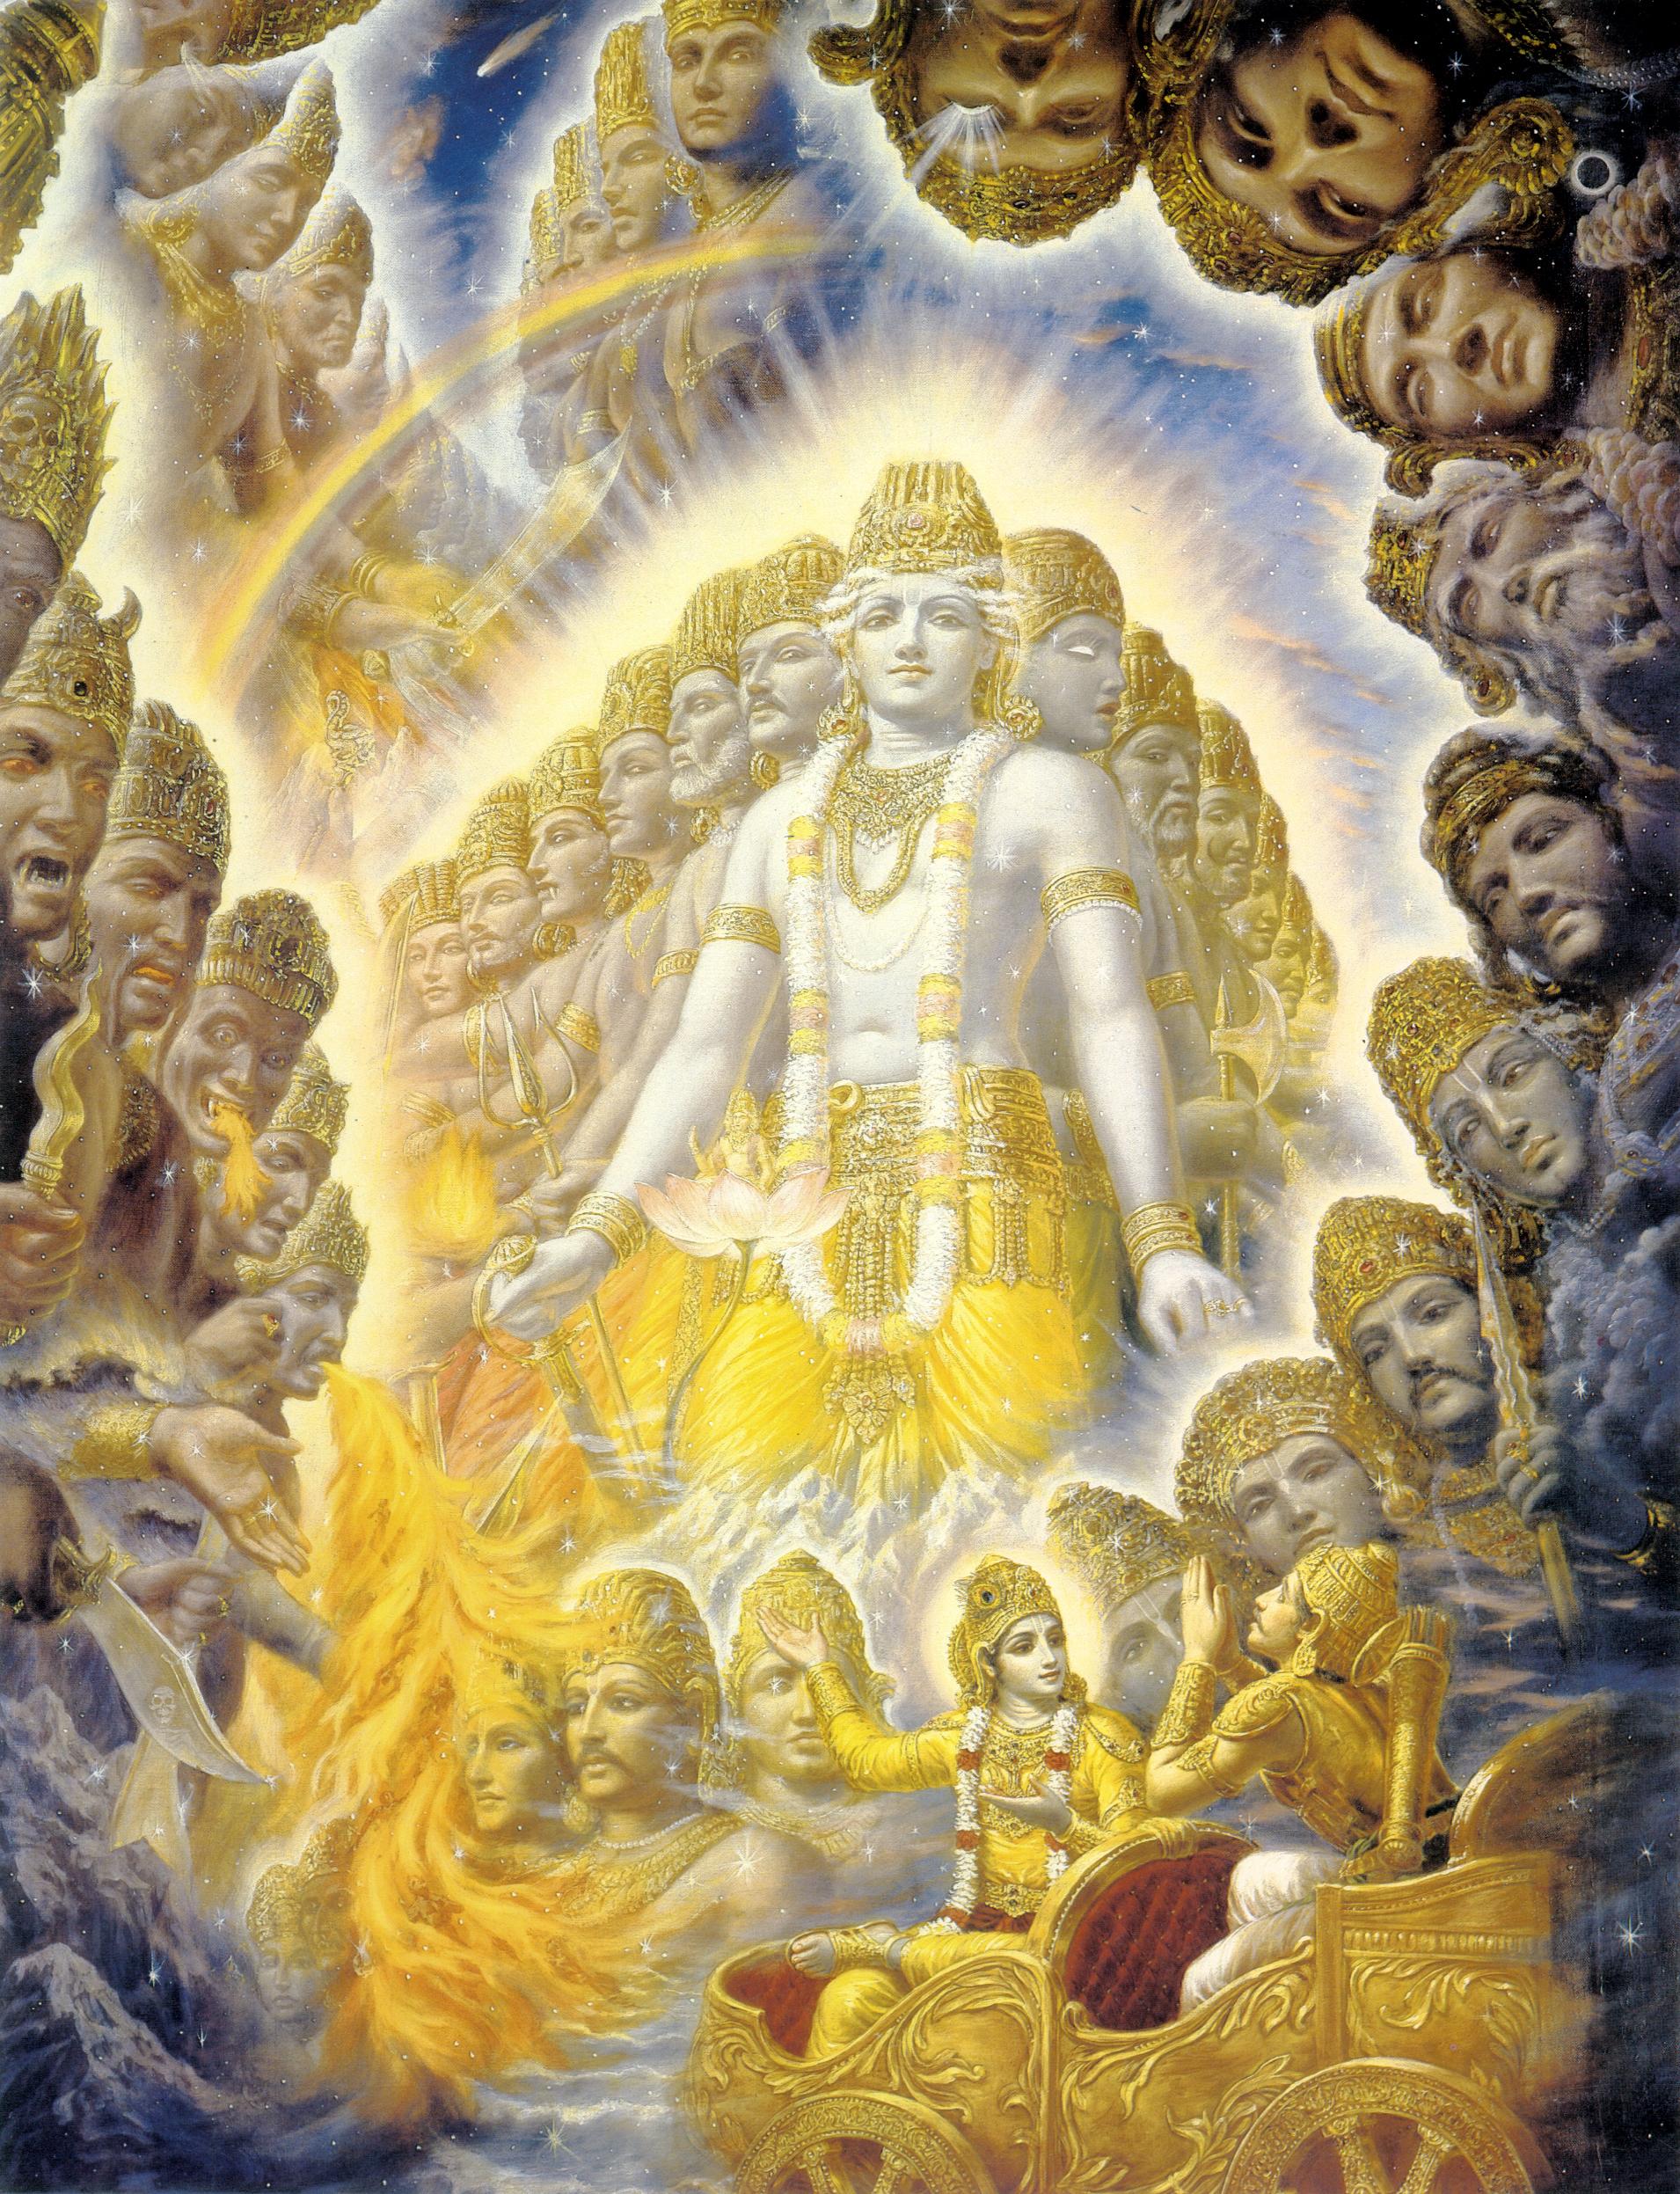 Sejarah Lahirnya Dewa Krisna : sejarah, lahirnya, krisna, Mengapa, Krsna, Adalah, Tuhan?, Narin, Laboratory